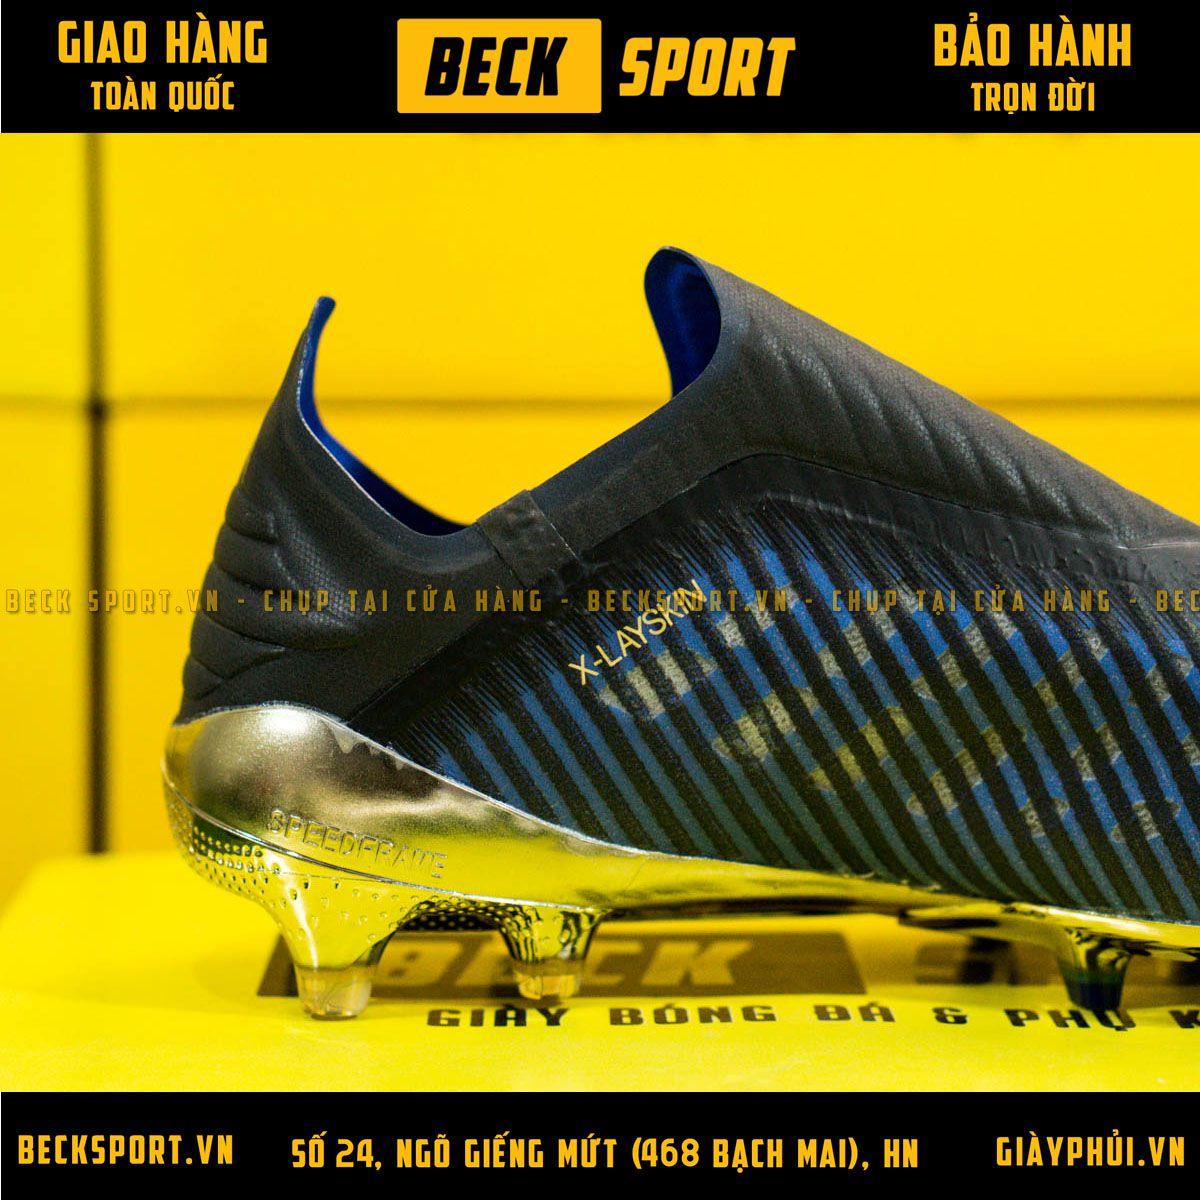 Giày Bóng Đá Adidas X 19+ Xanh Biển Vạch Đồng Đế Đồng Không Dây FG